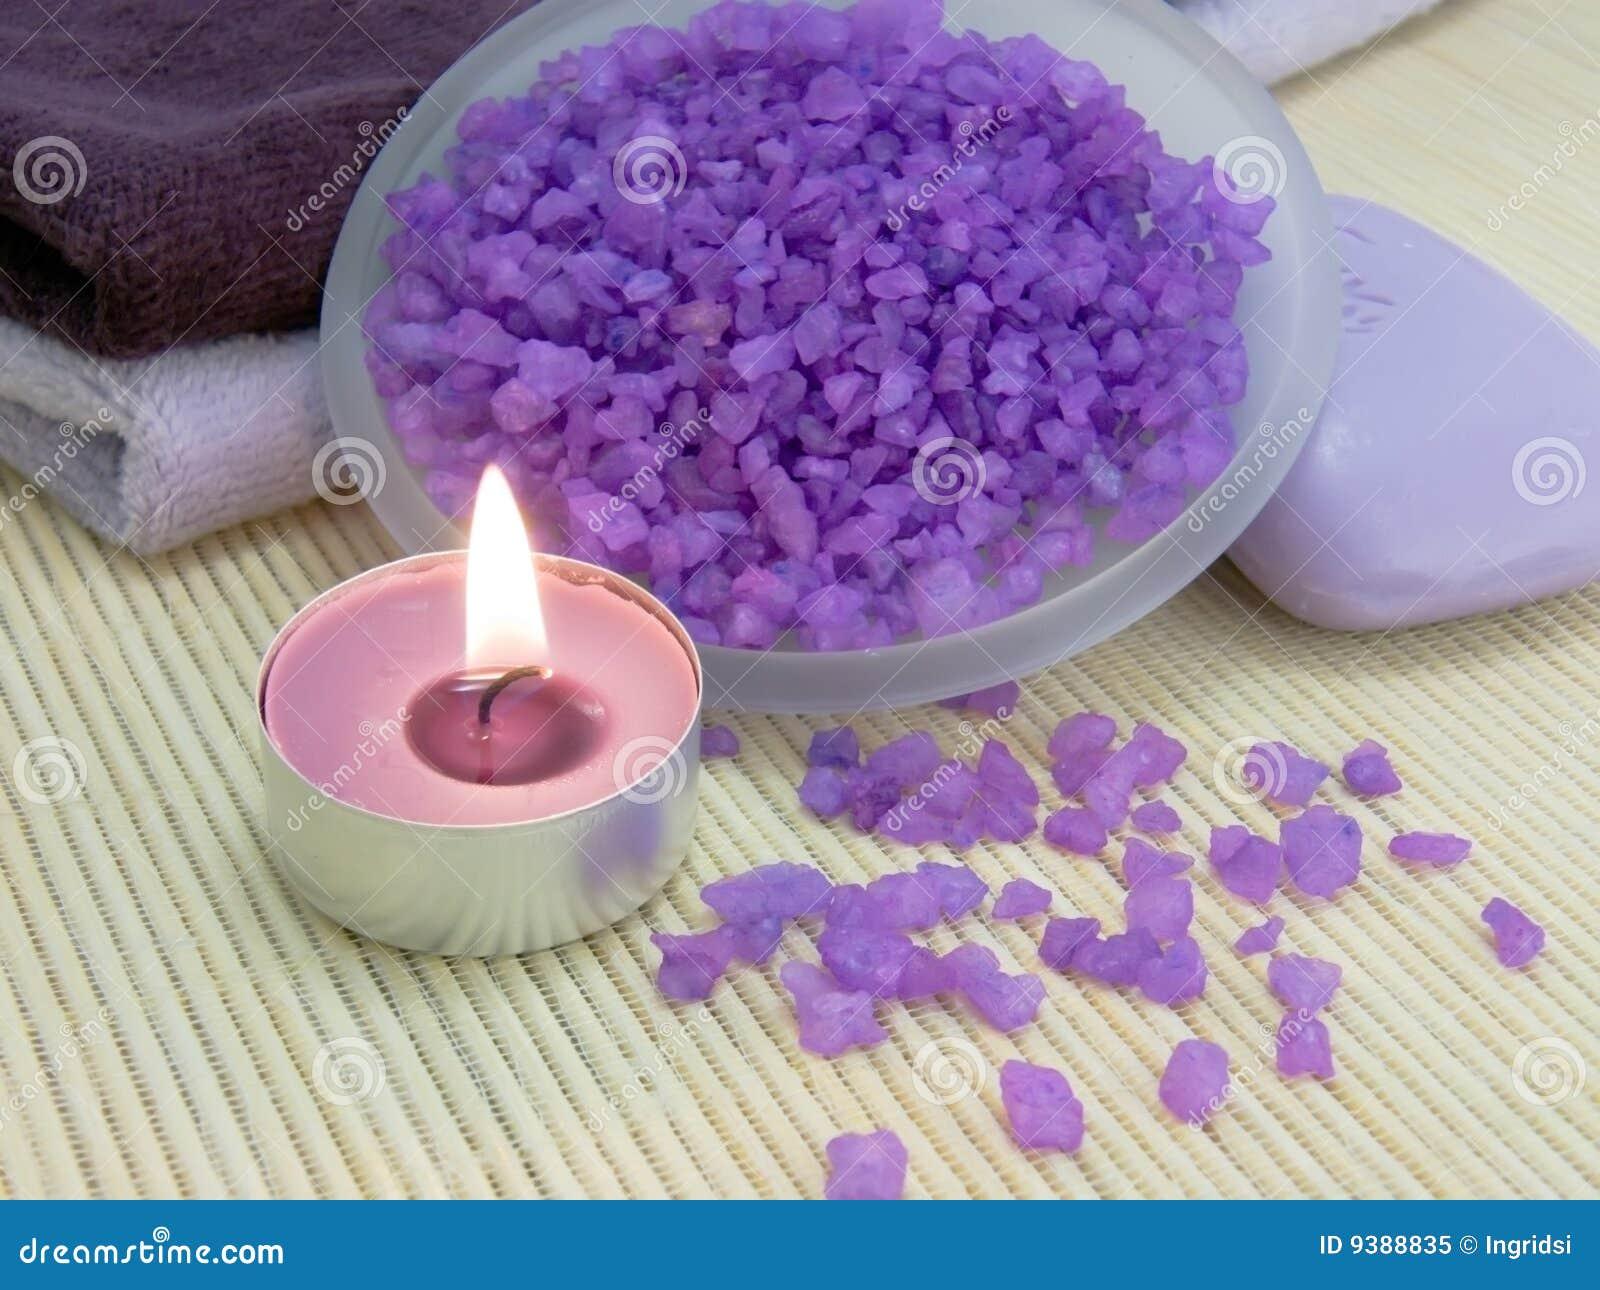 Как сделать соль для ванны разных цветов в домашних условиях